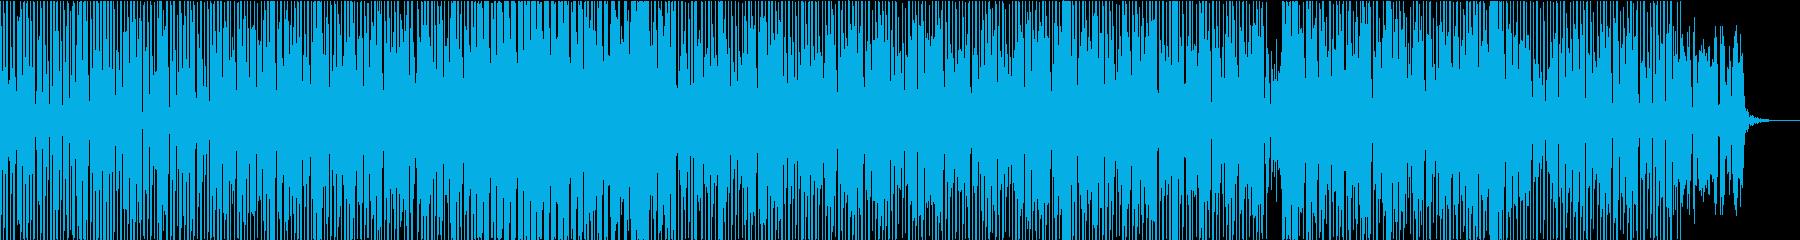 科学・宇宙・医療・テクノロジー向けBGMの再生済みの波形